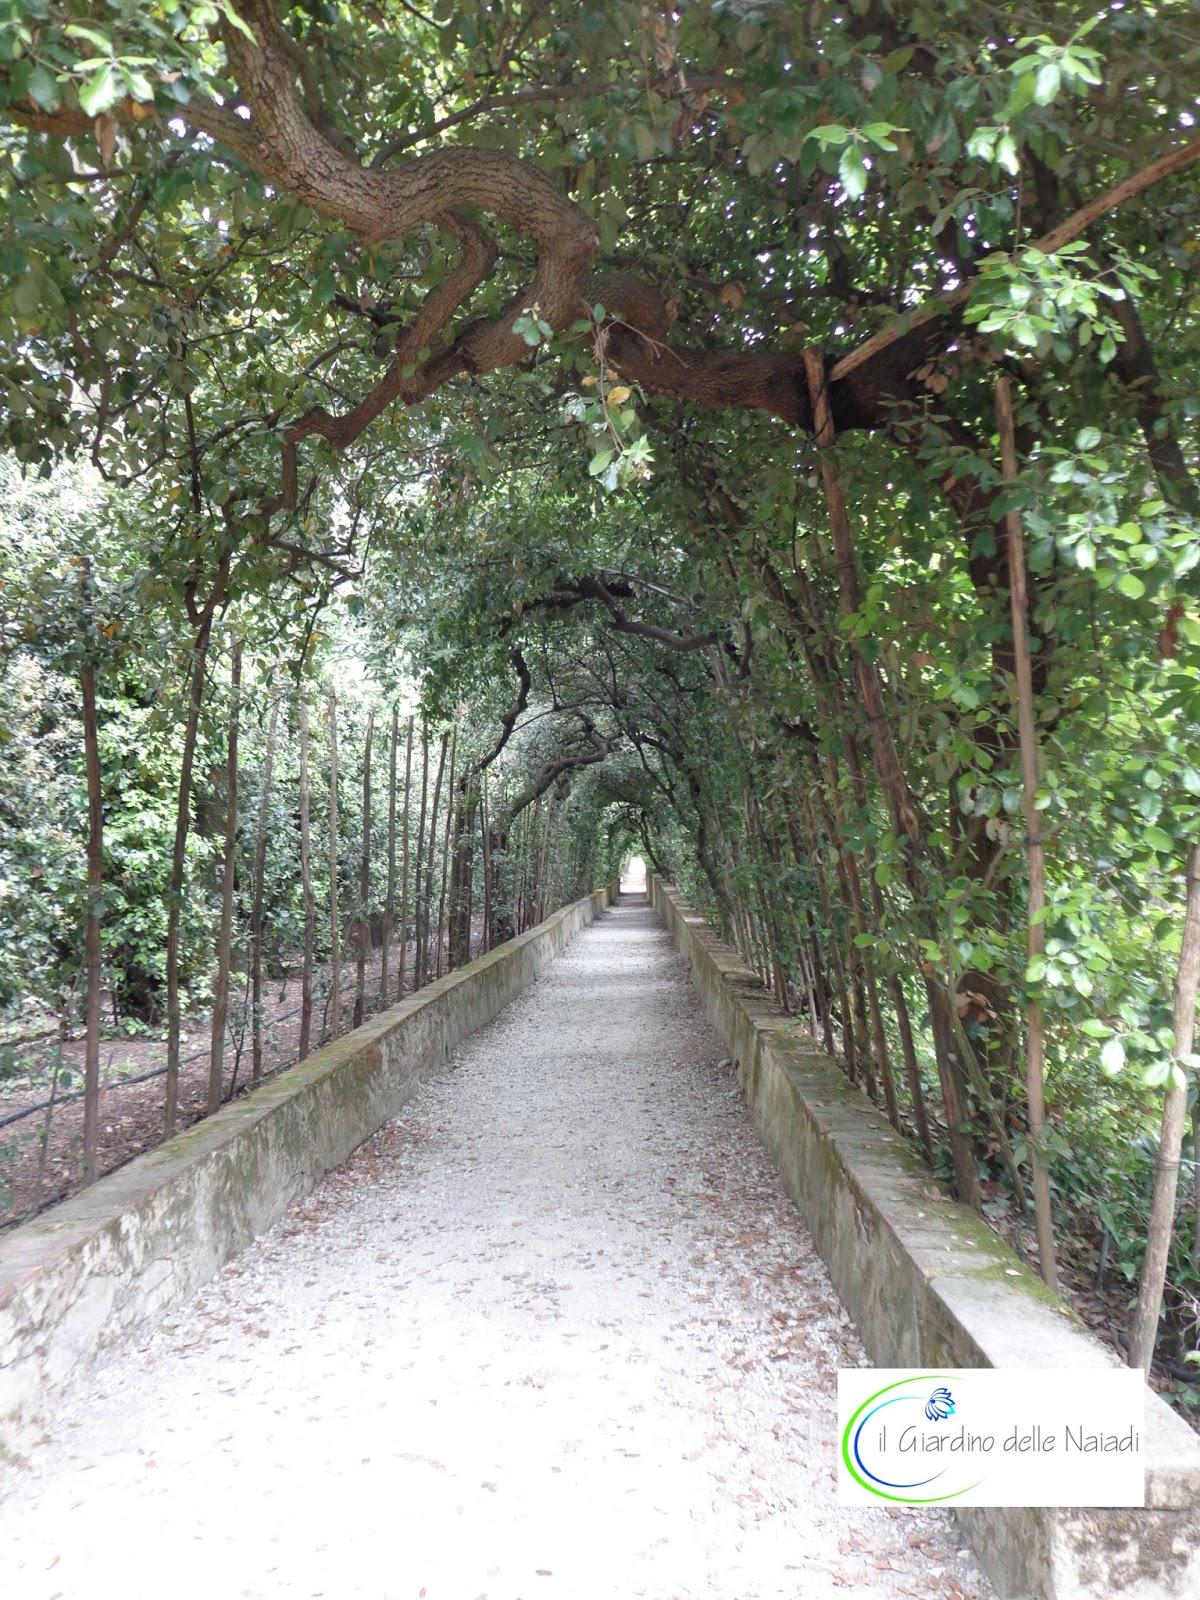 Il giardino delle naiadi parchi storici il giardino di - Giardini decorati ...